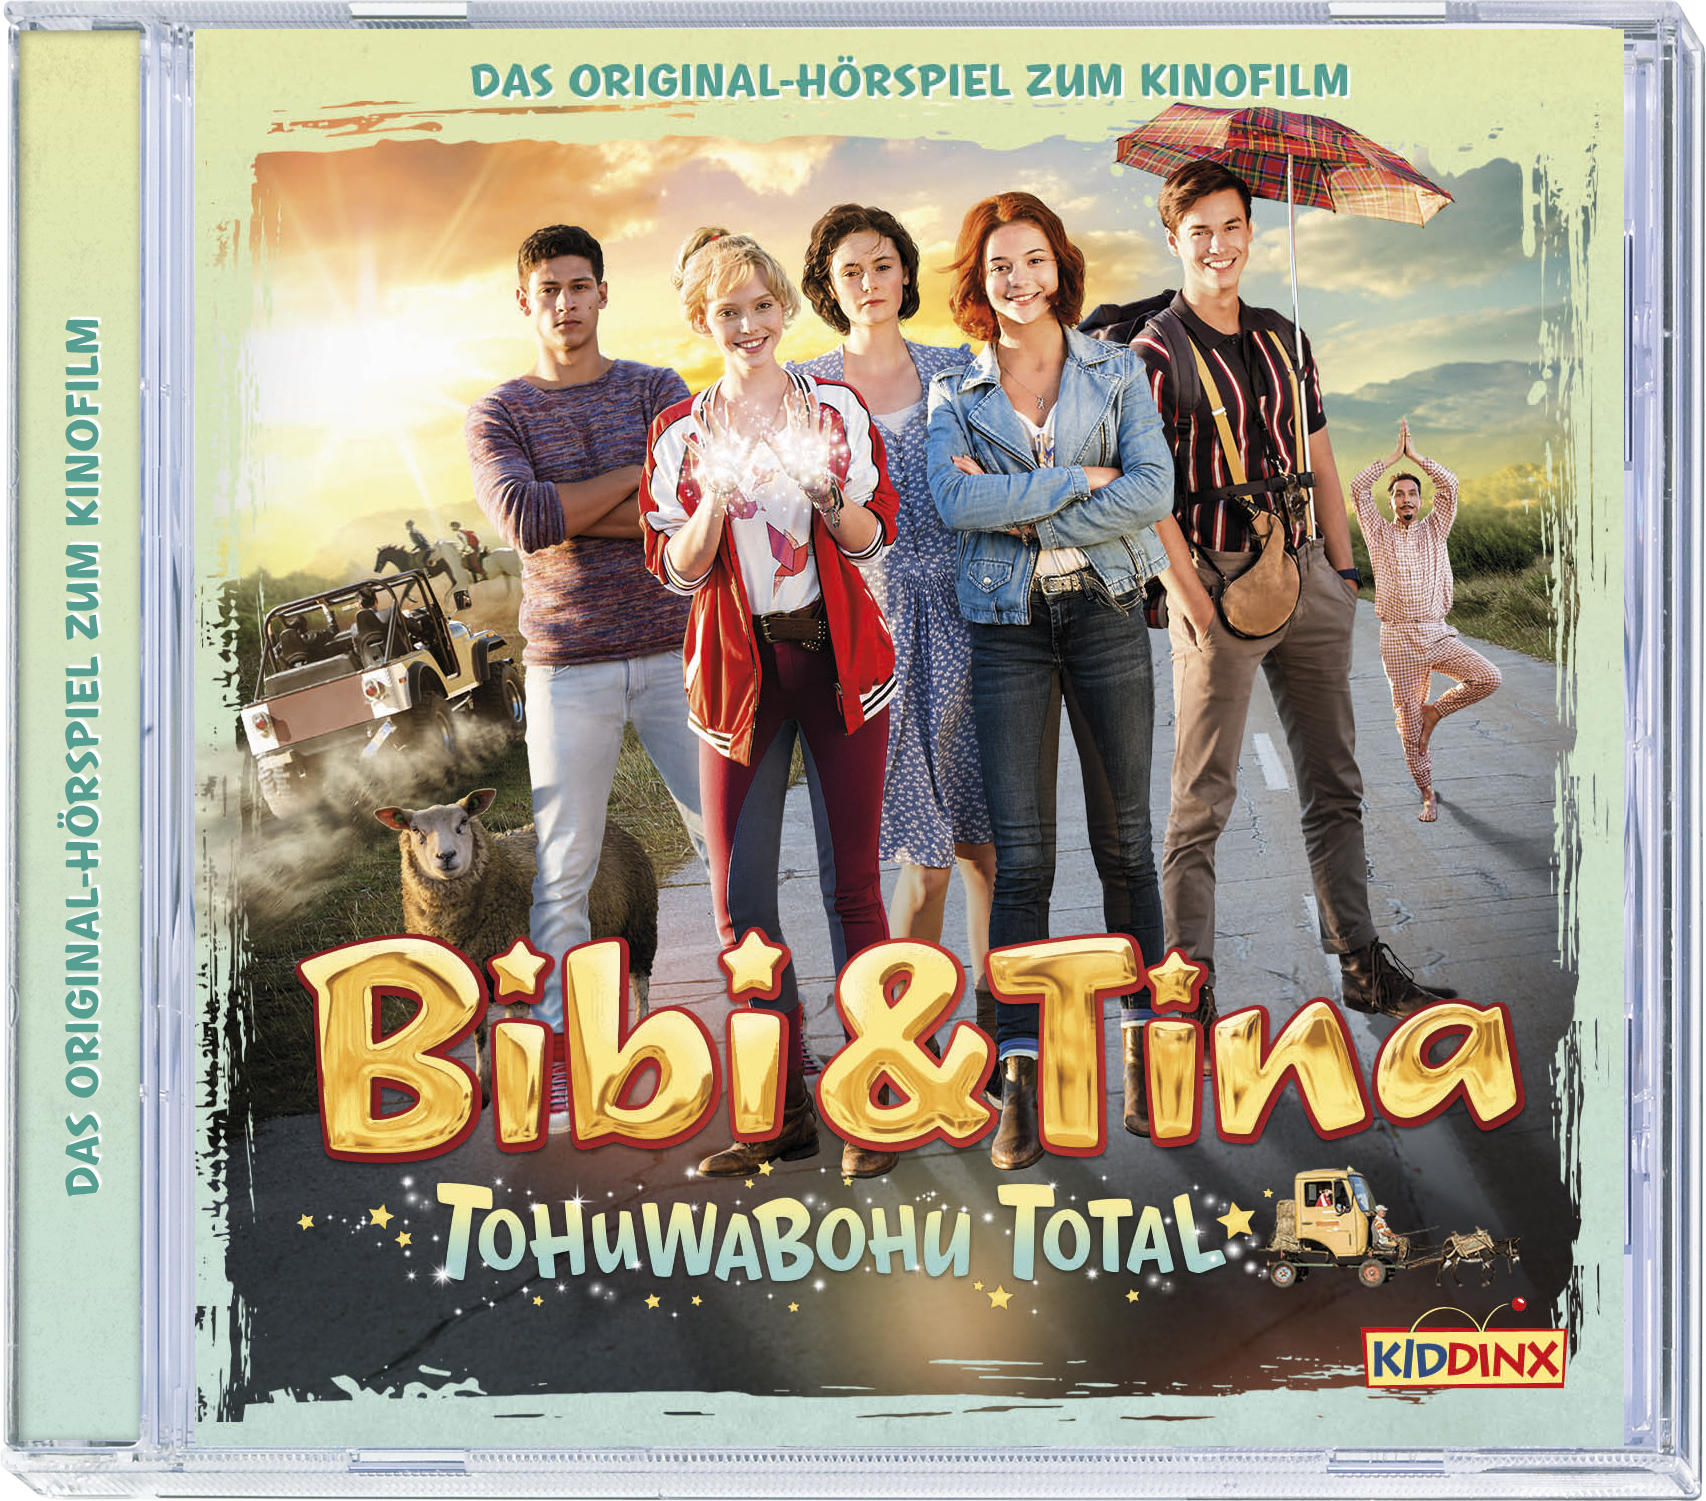 Bibi & Tina: Tohuwabohu Total - Kinofilm 4 Hörs...